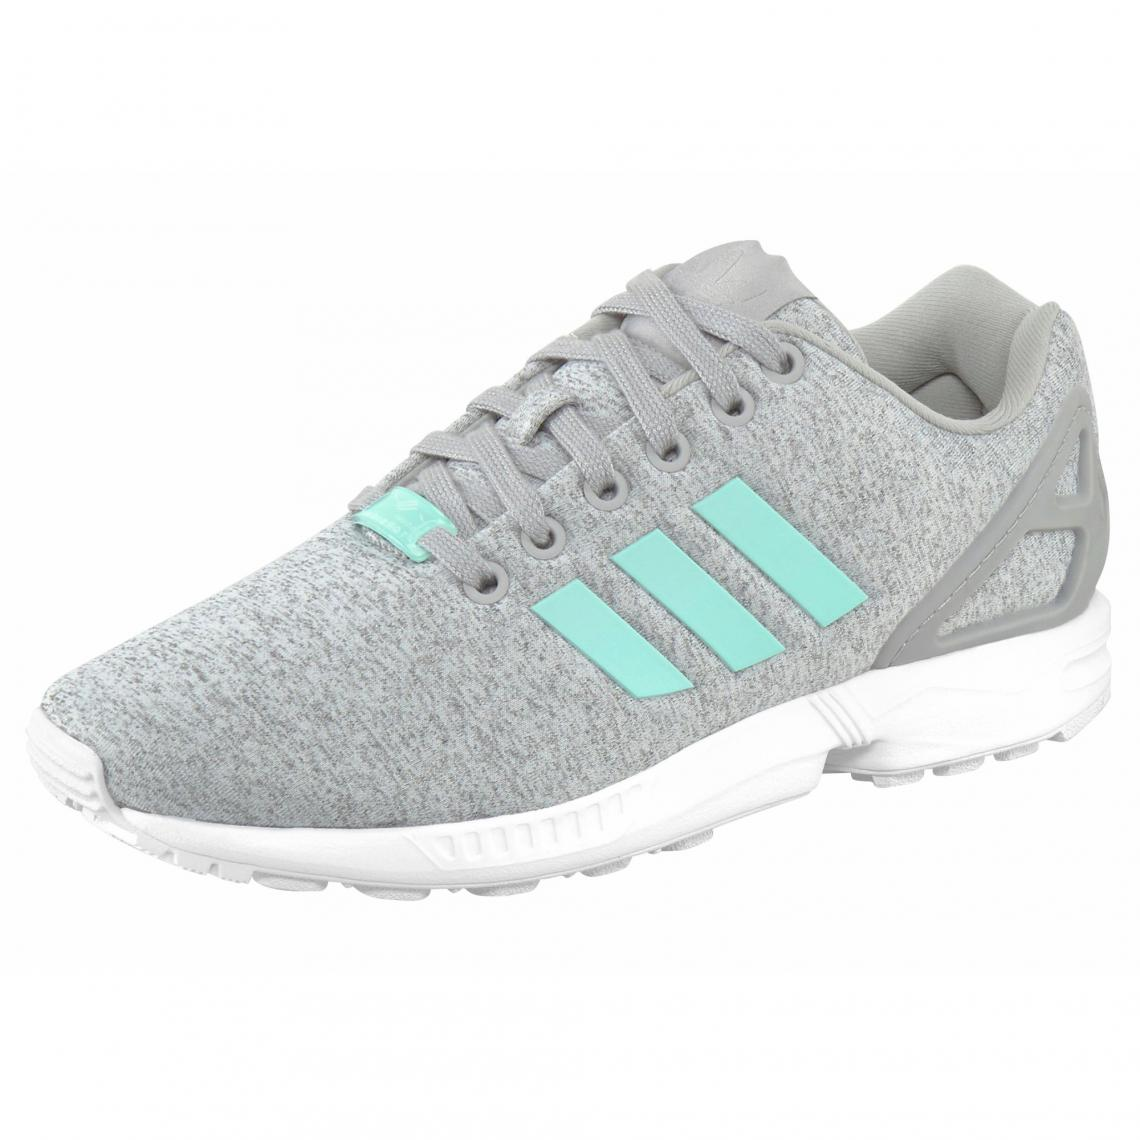 adidas originals zx flux chaussures running homme